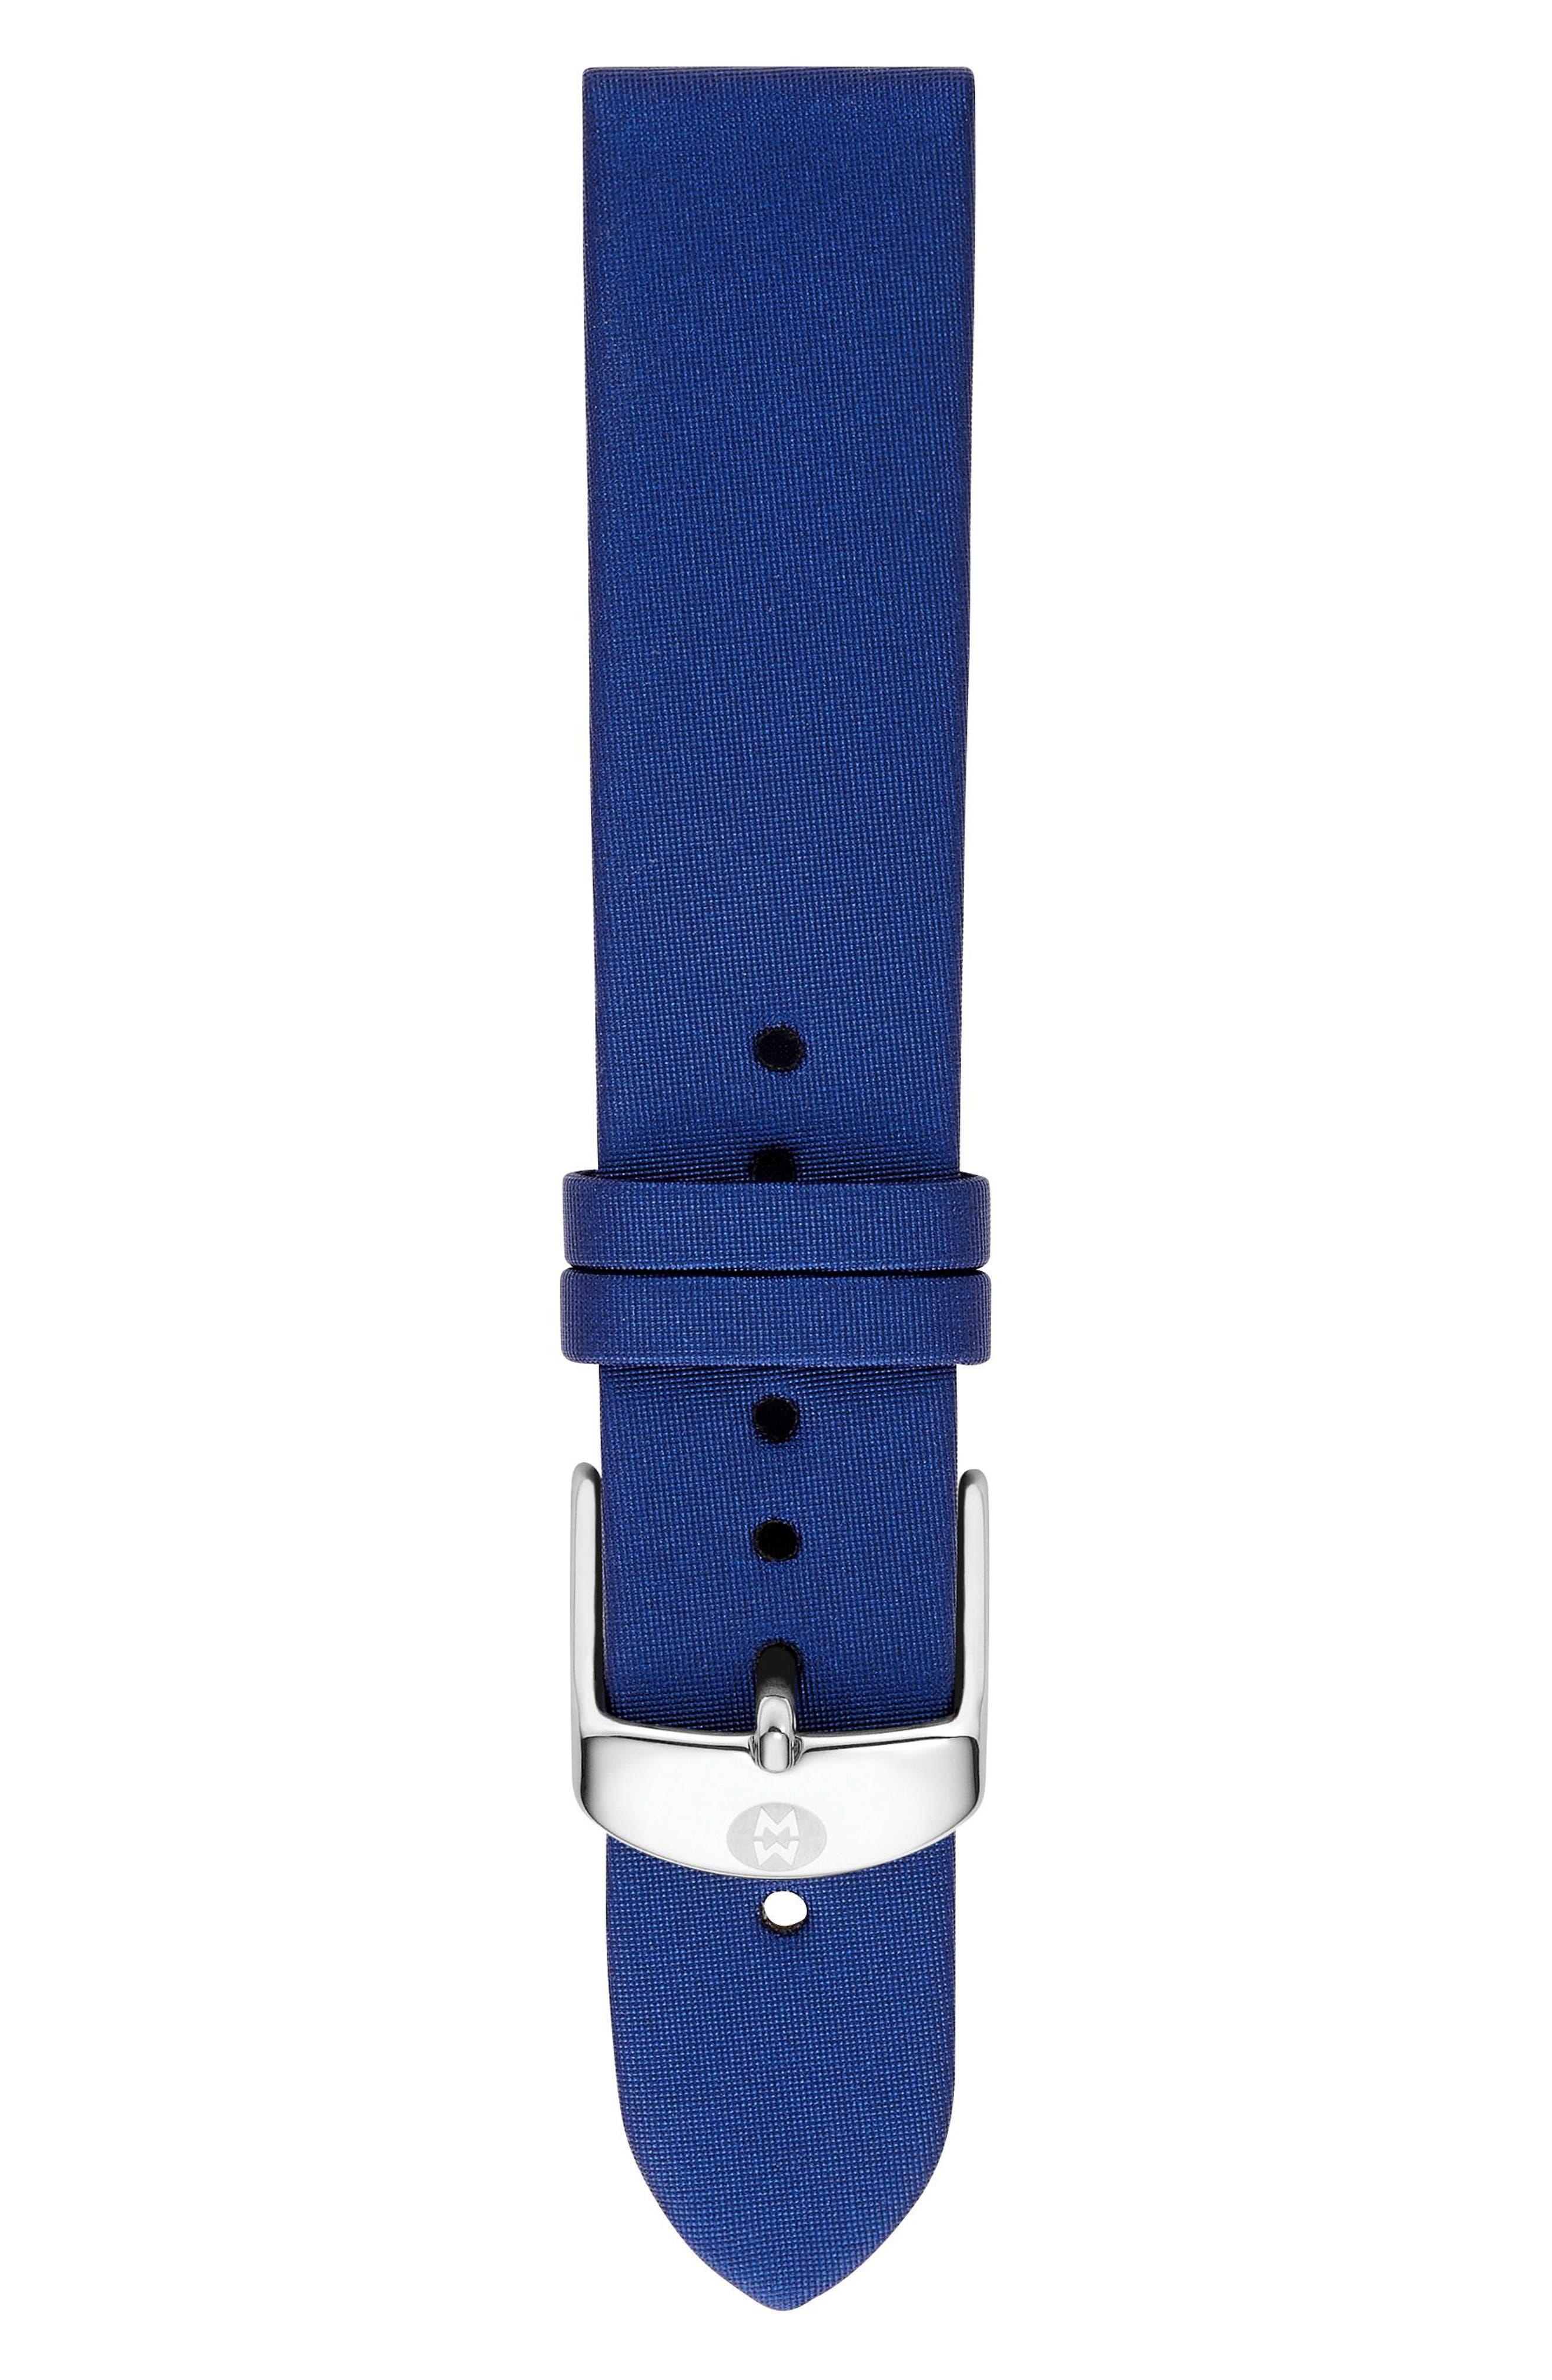 16mm Satin Watch Strap,                             Main thumbnail 1, color,                             400